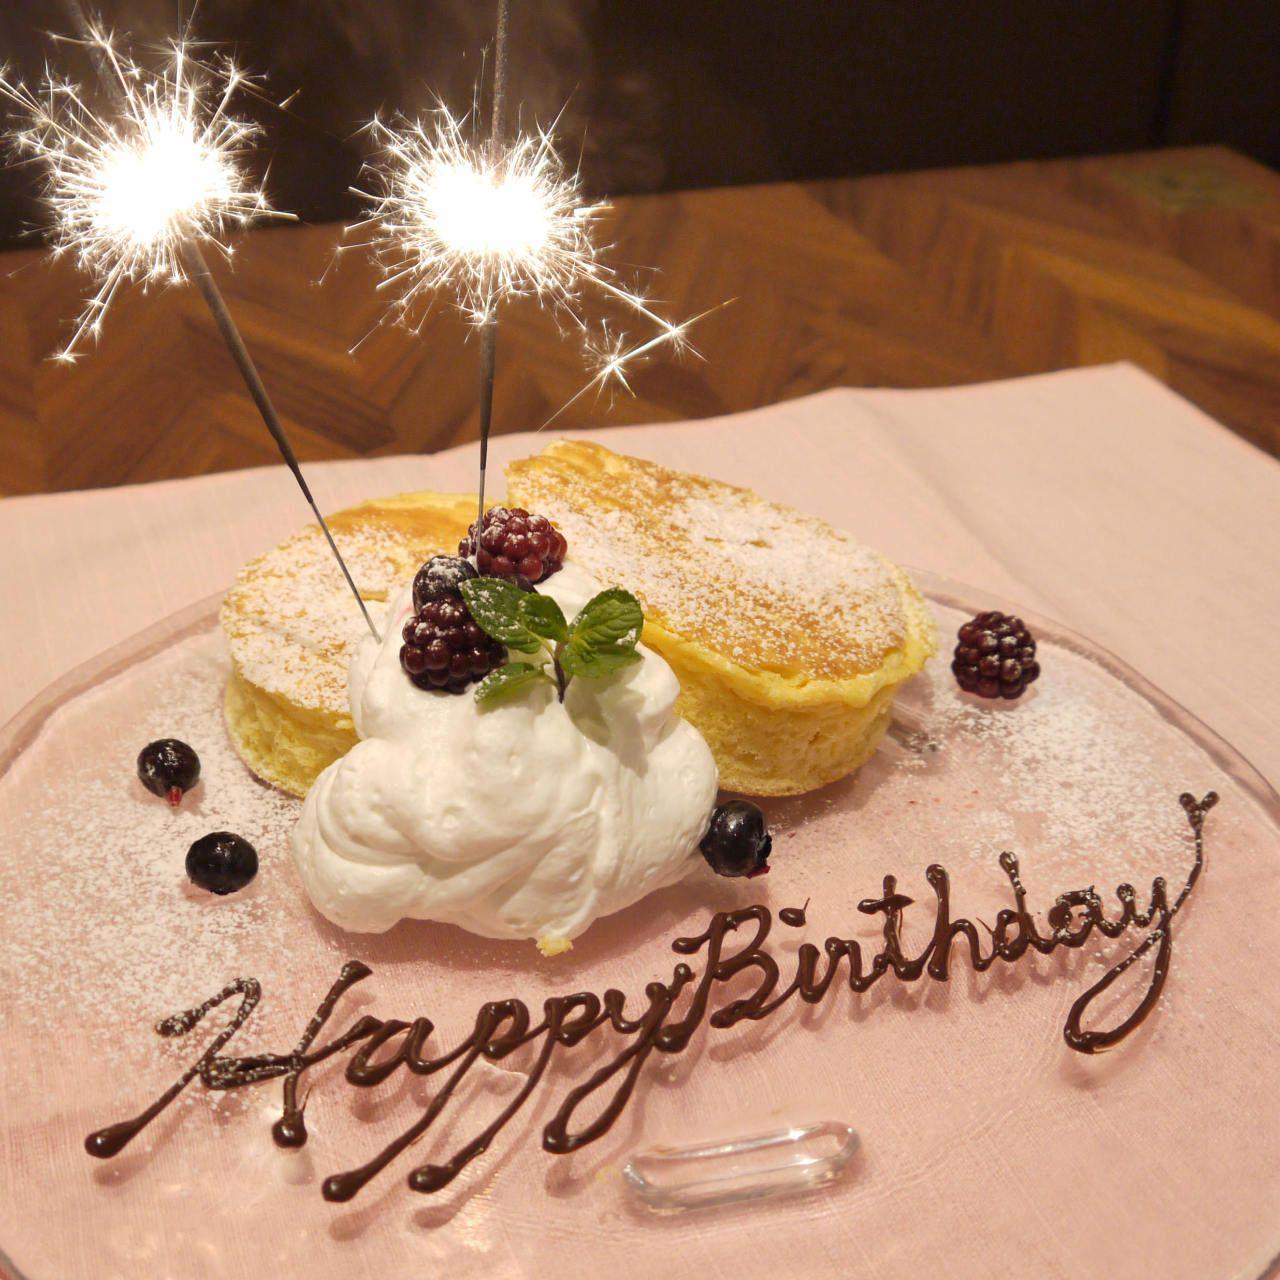 バースデーケーキプレート 花火 Google 検索 誕生日ケーキ バースデープレート 皿盛りデザート